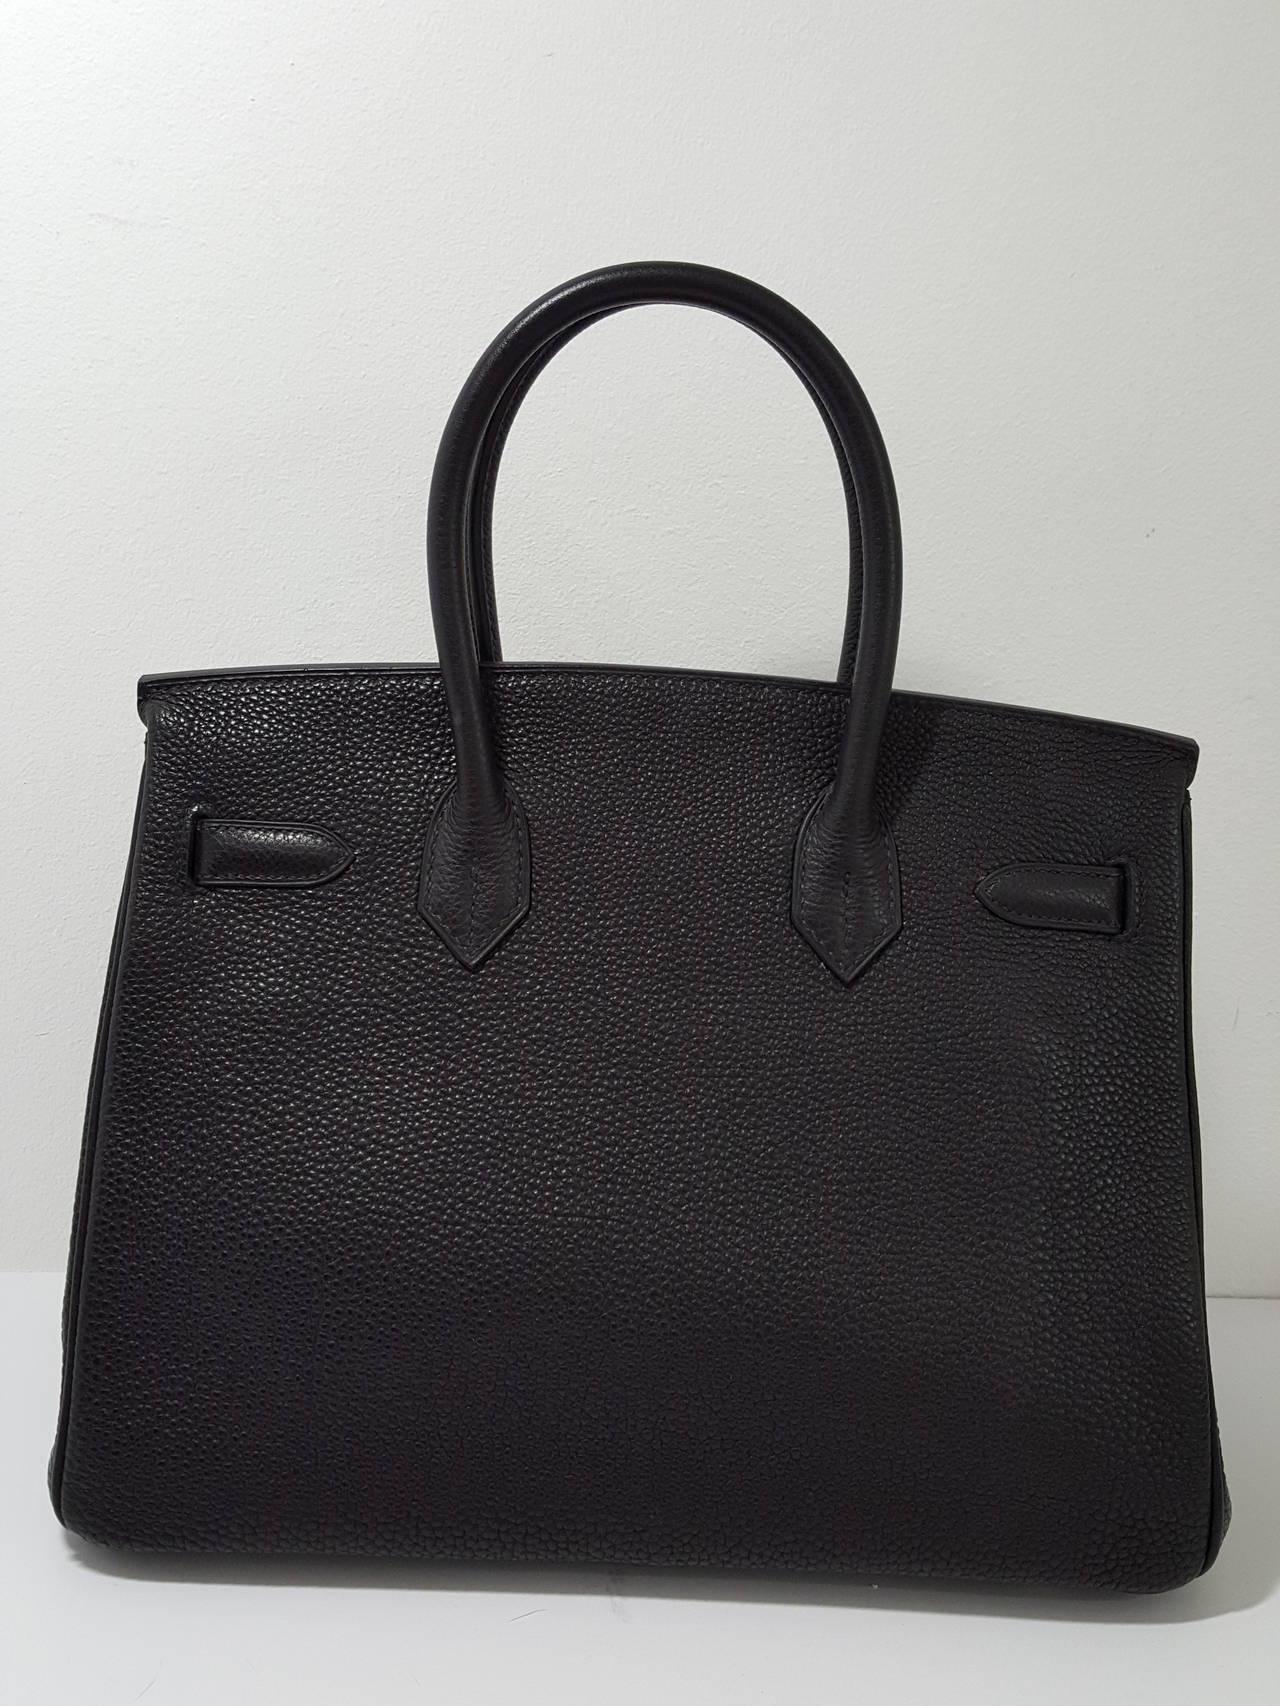 birkin clutch - HERMES Birkin 30cm Black with Palladium Hardware in Togo Leather ...